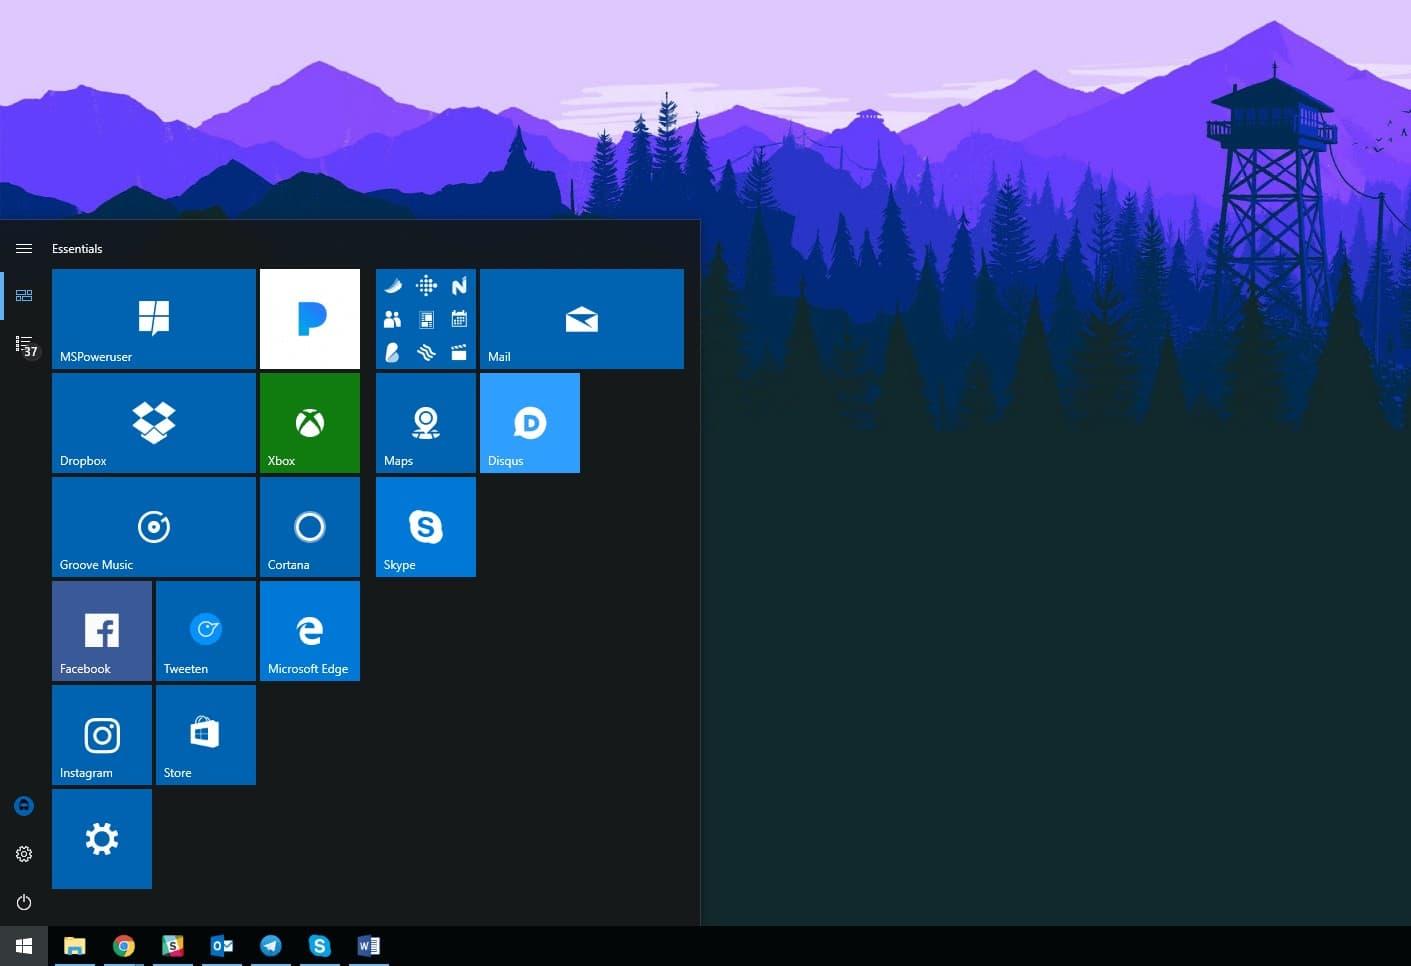 Как сбросить настройки набора быстрых кнопок в Windows 10